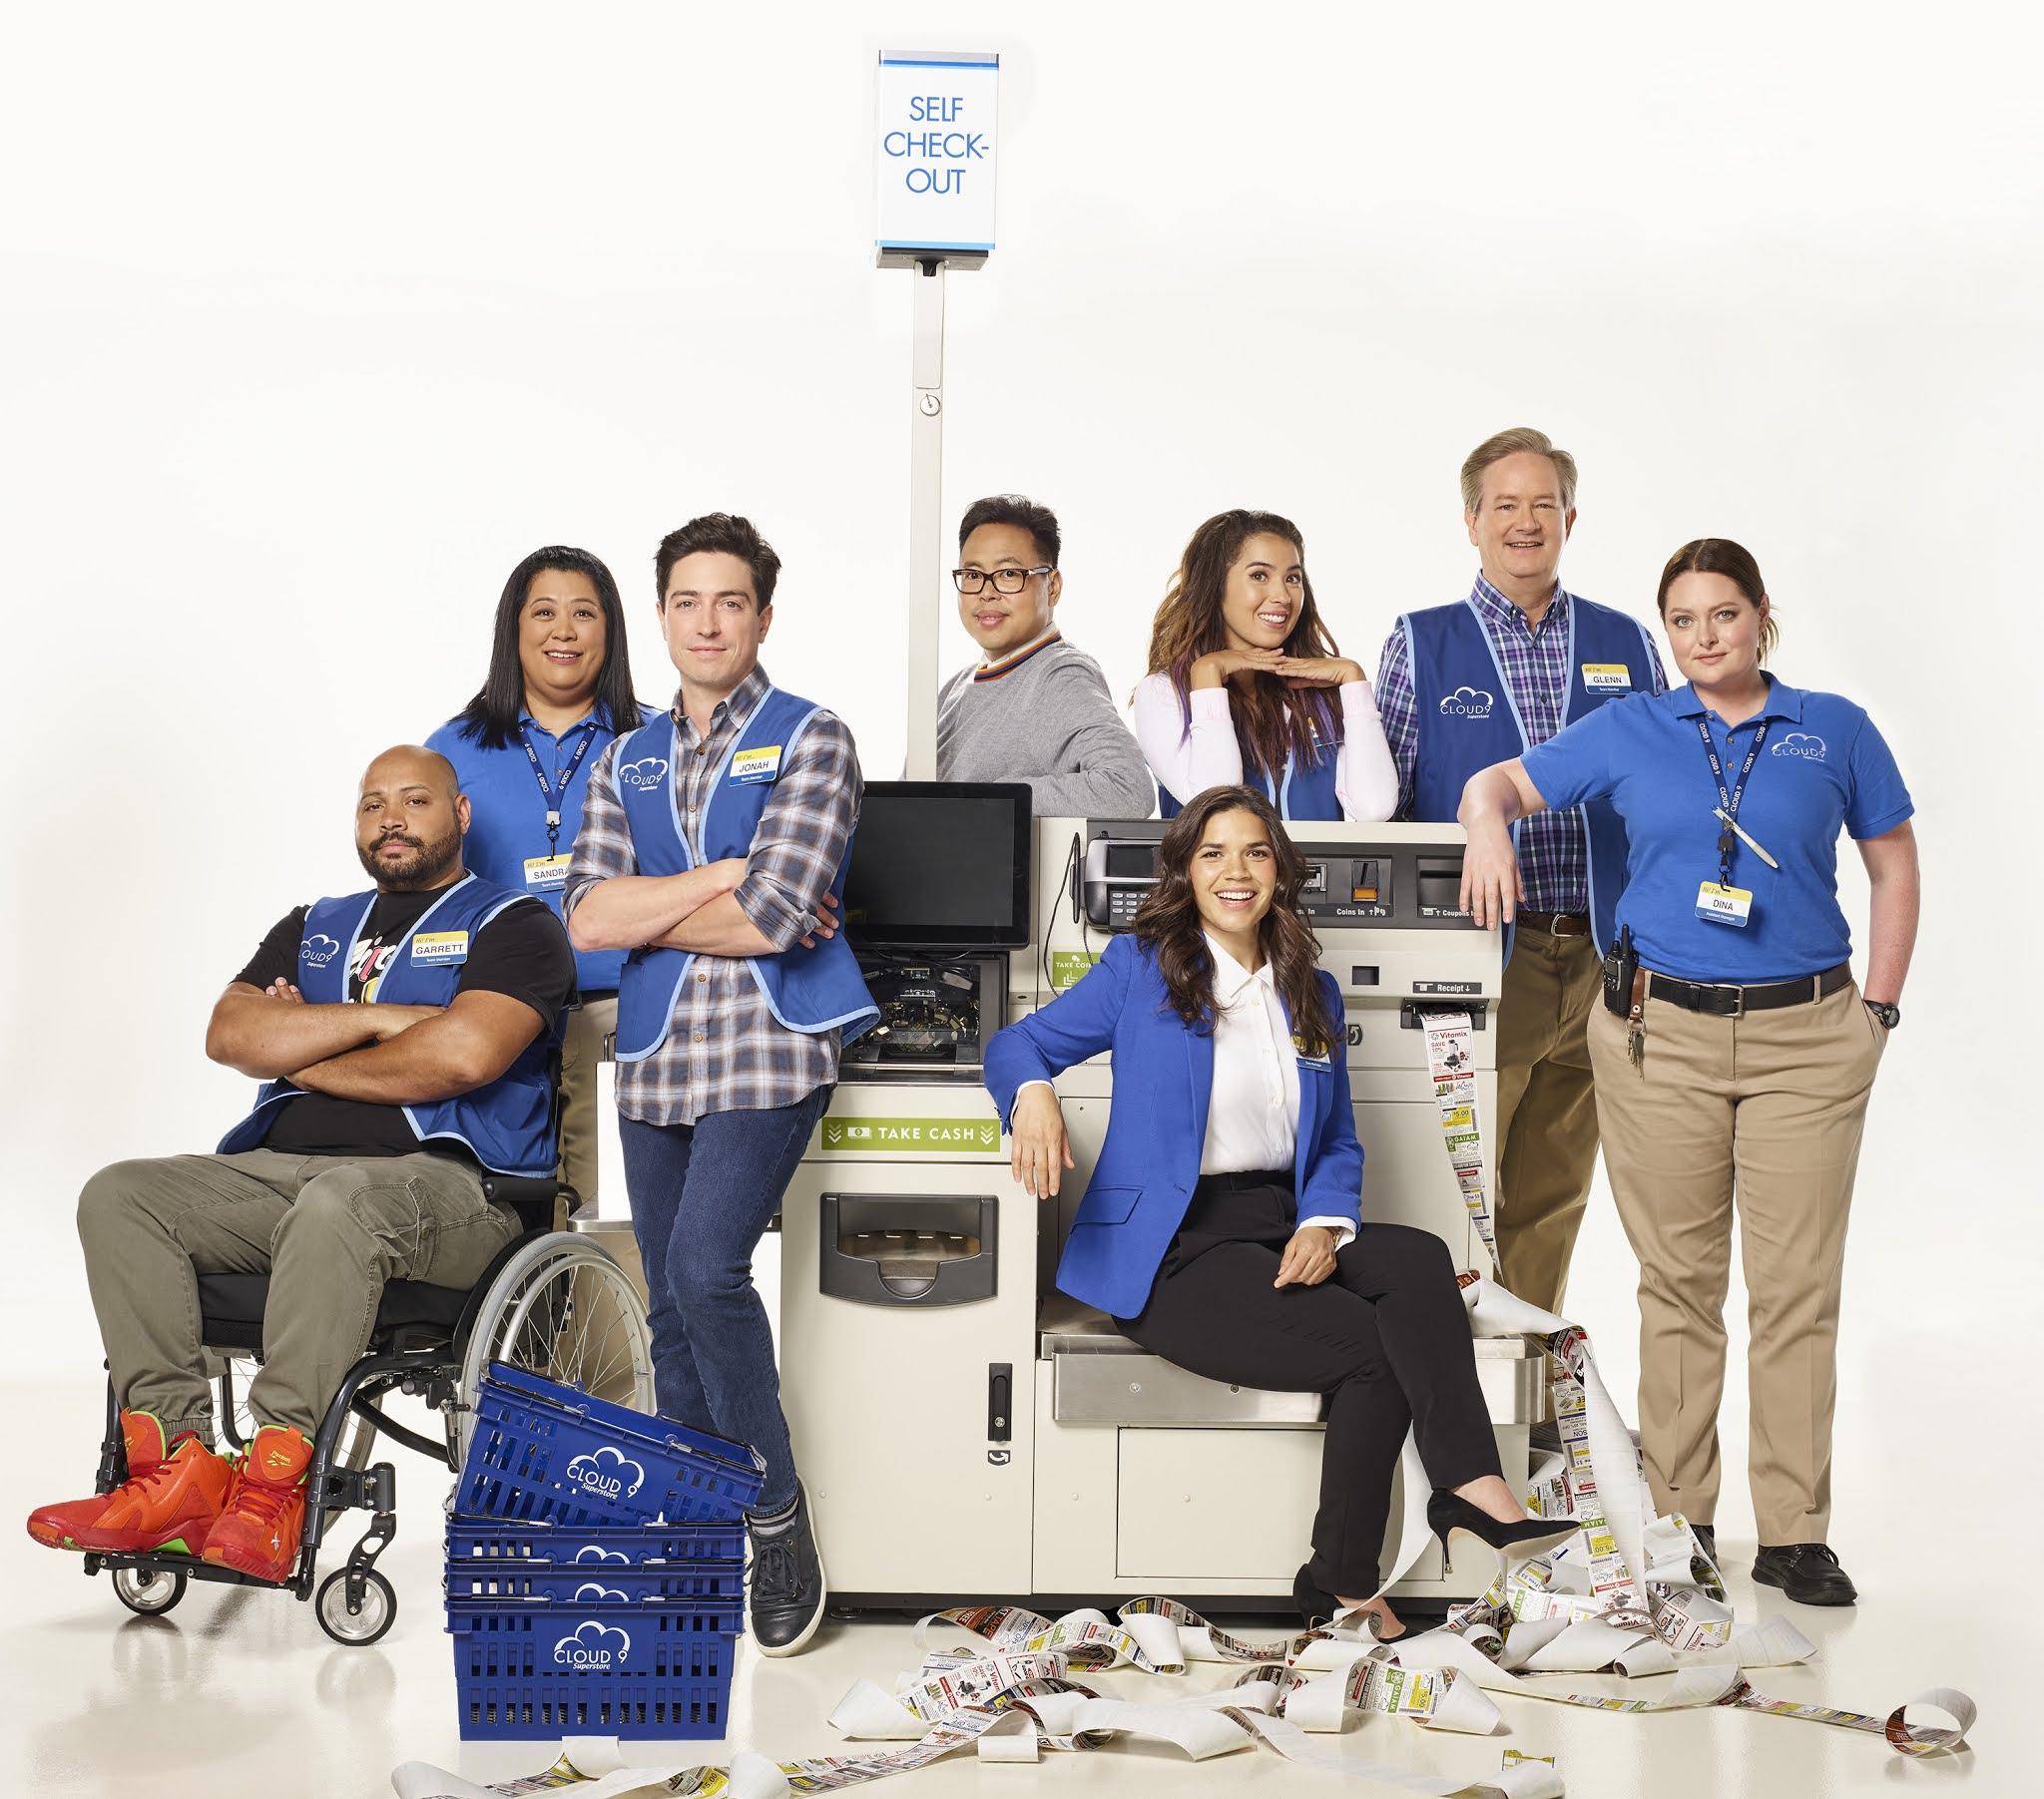 Warner Channel estrena la quinta temporada de Superstore